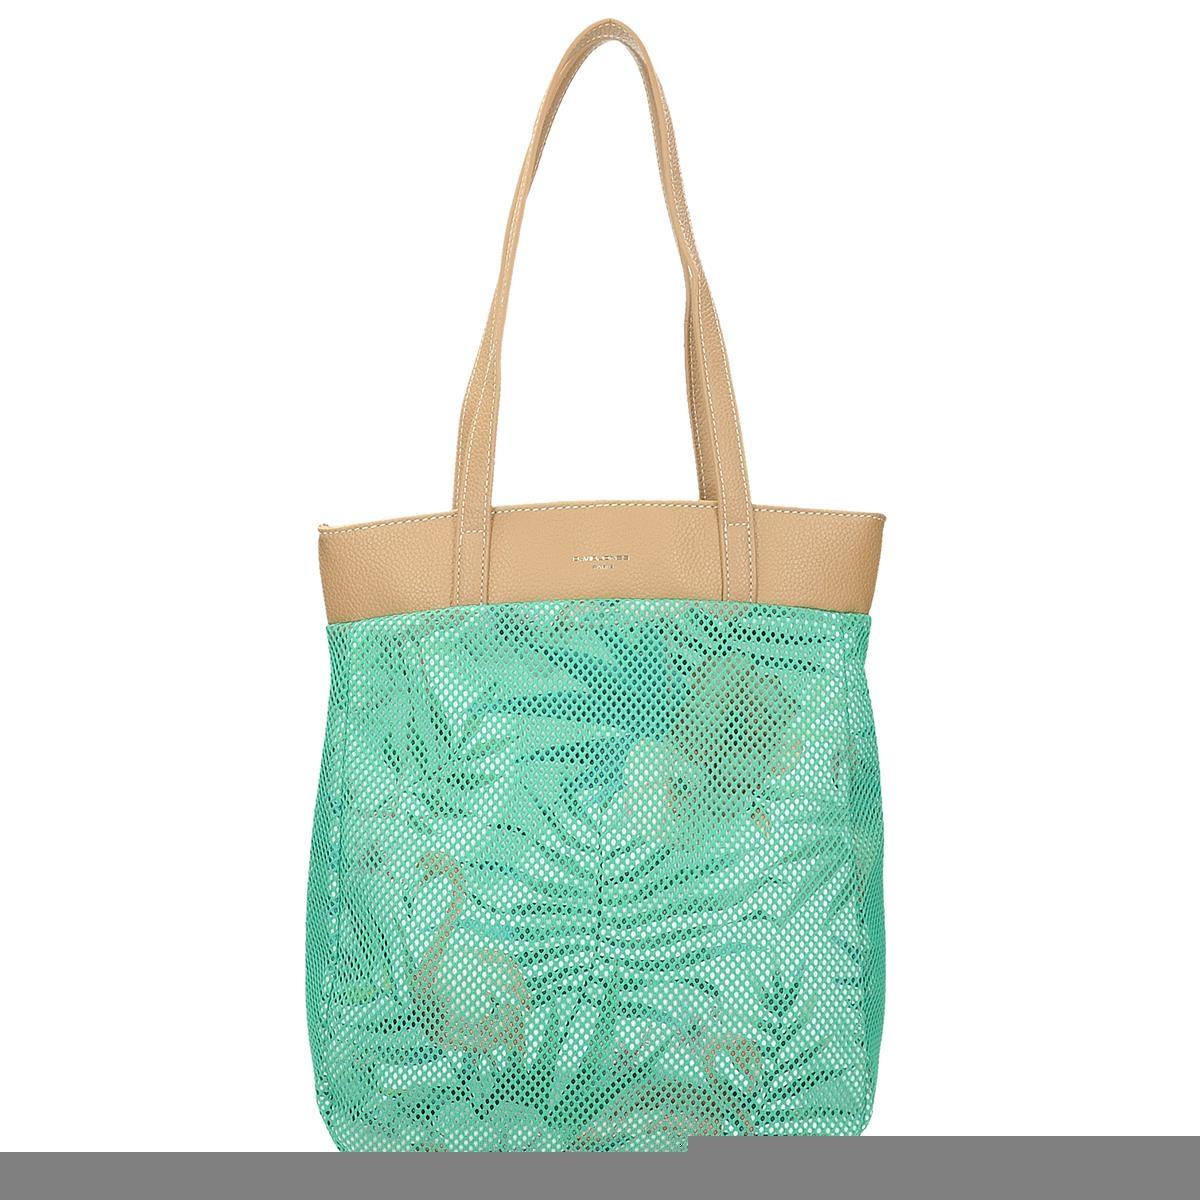 Síťovaná zelená kabelka s květinovým vzorem 1869a304621